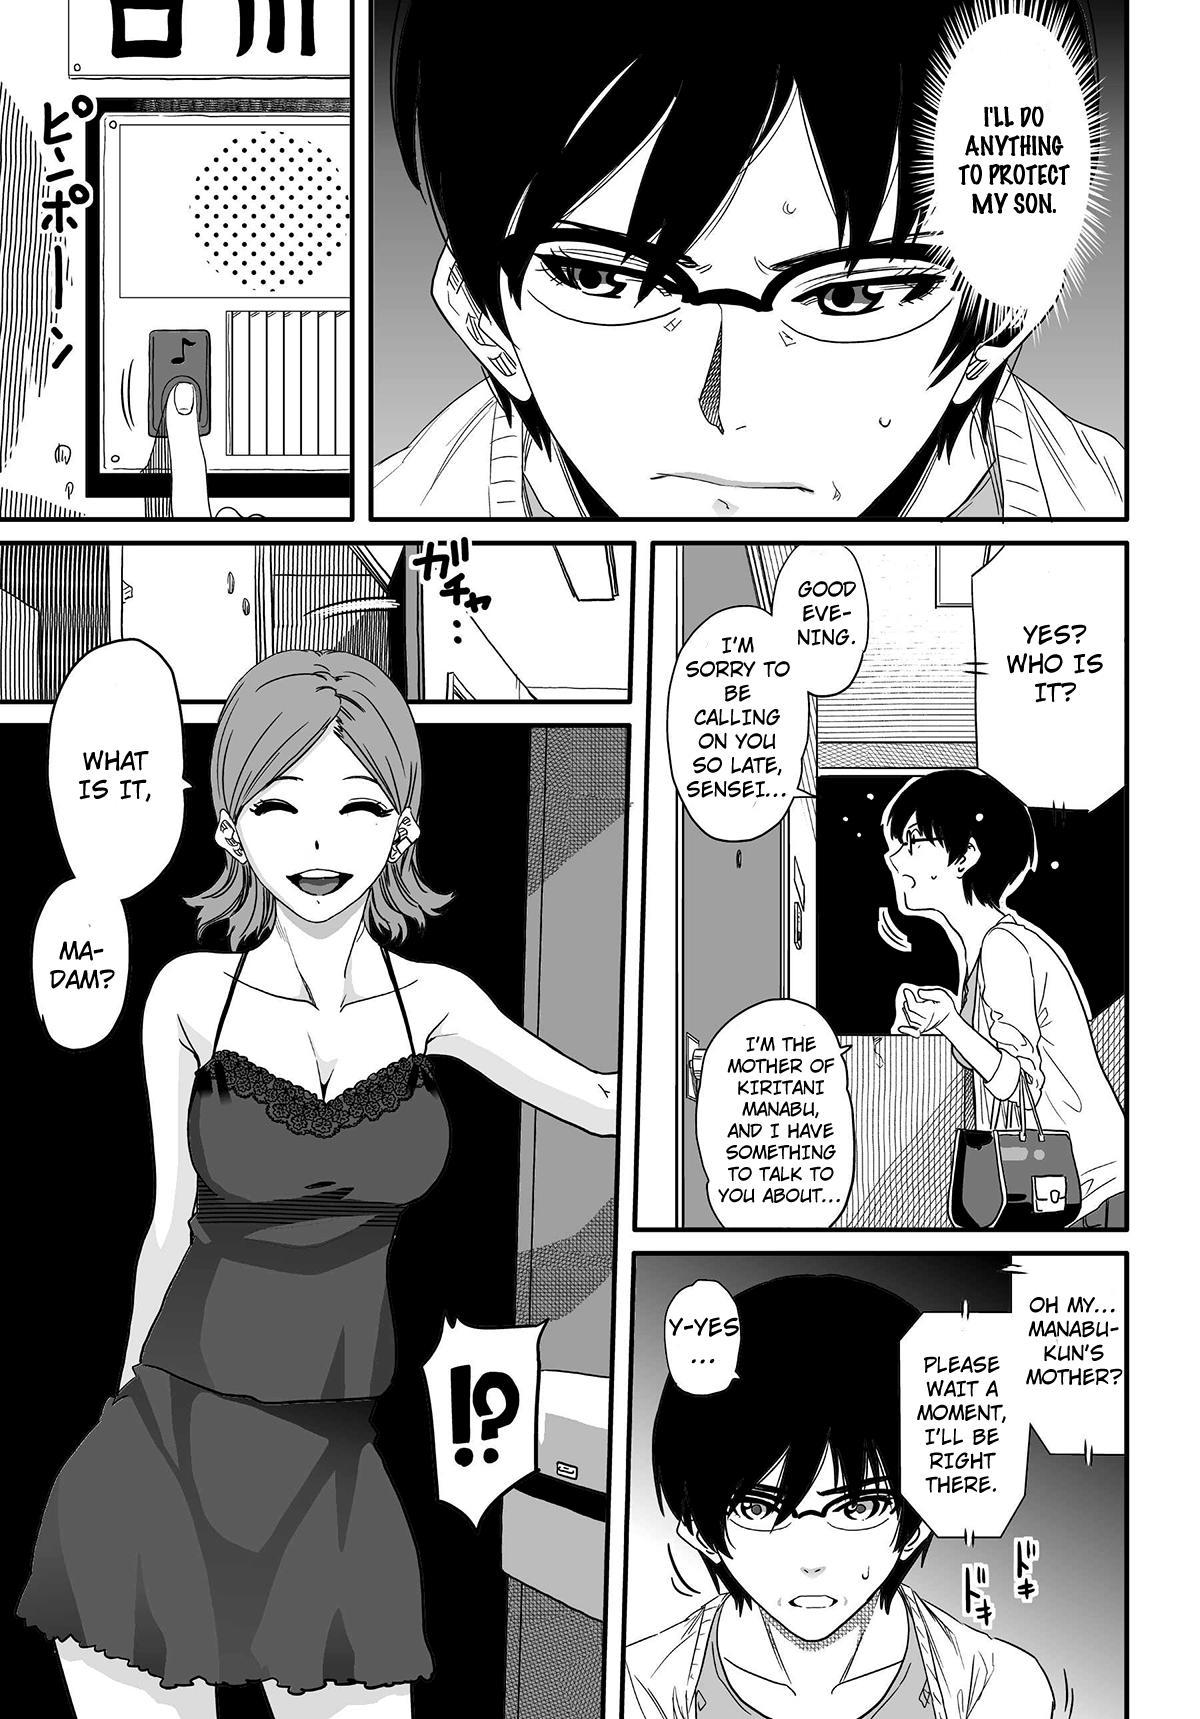 [Hana Hook] Hahaoya Shikkaku - Elite Oyako no M Buta Netorare Tenraku Jinsei & Epilogue Oyako-hen [English/Completed] 22